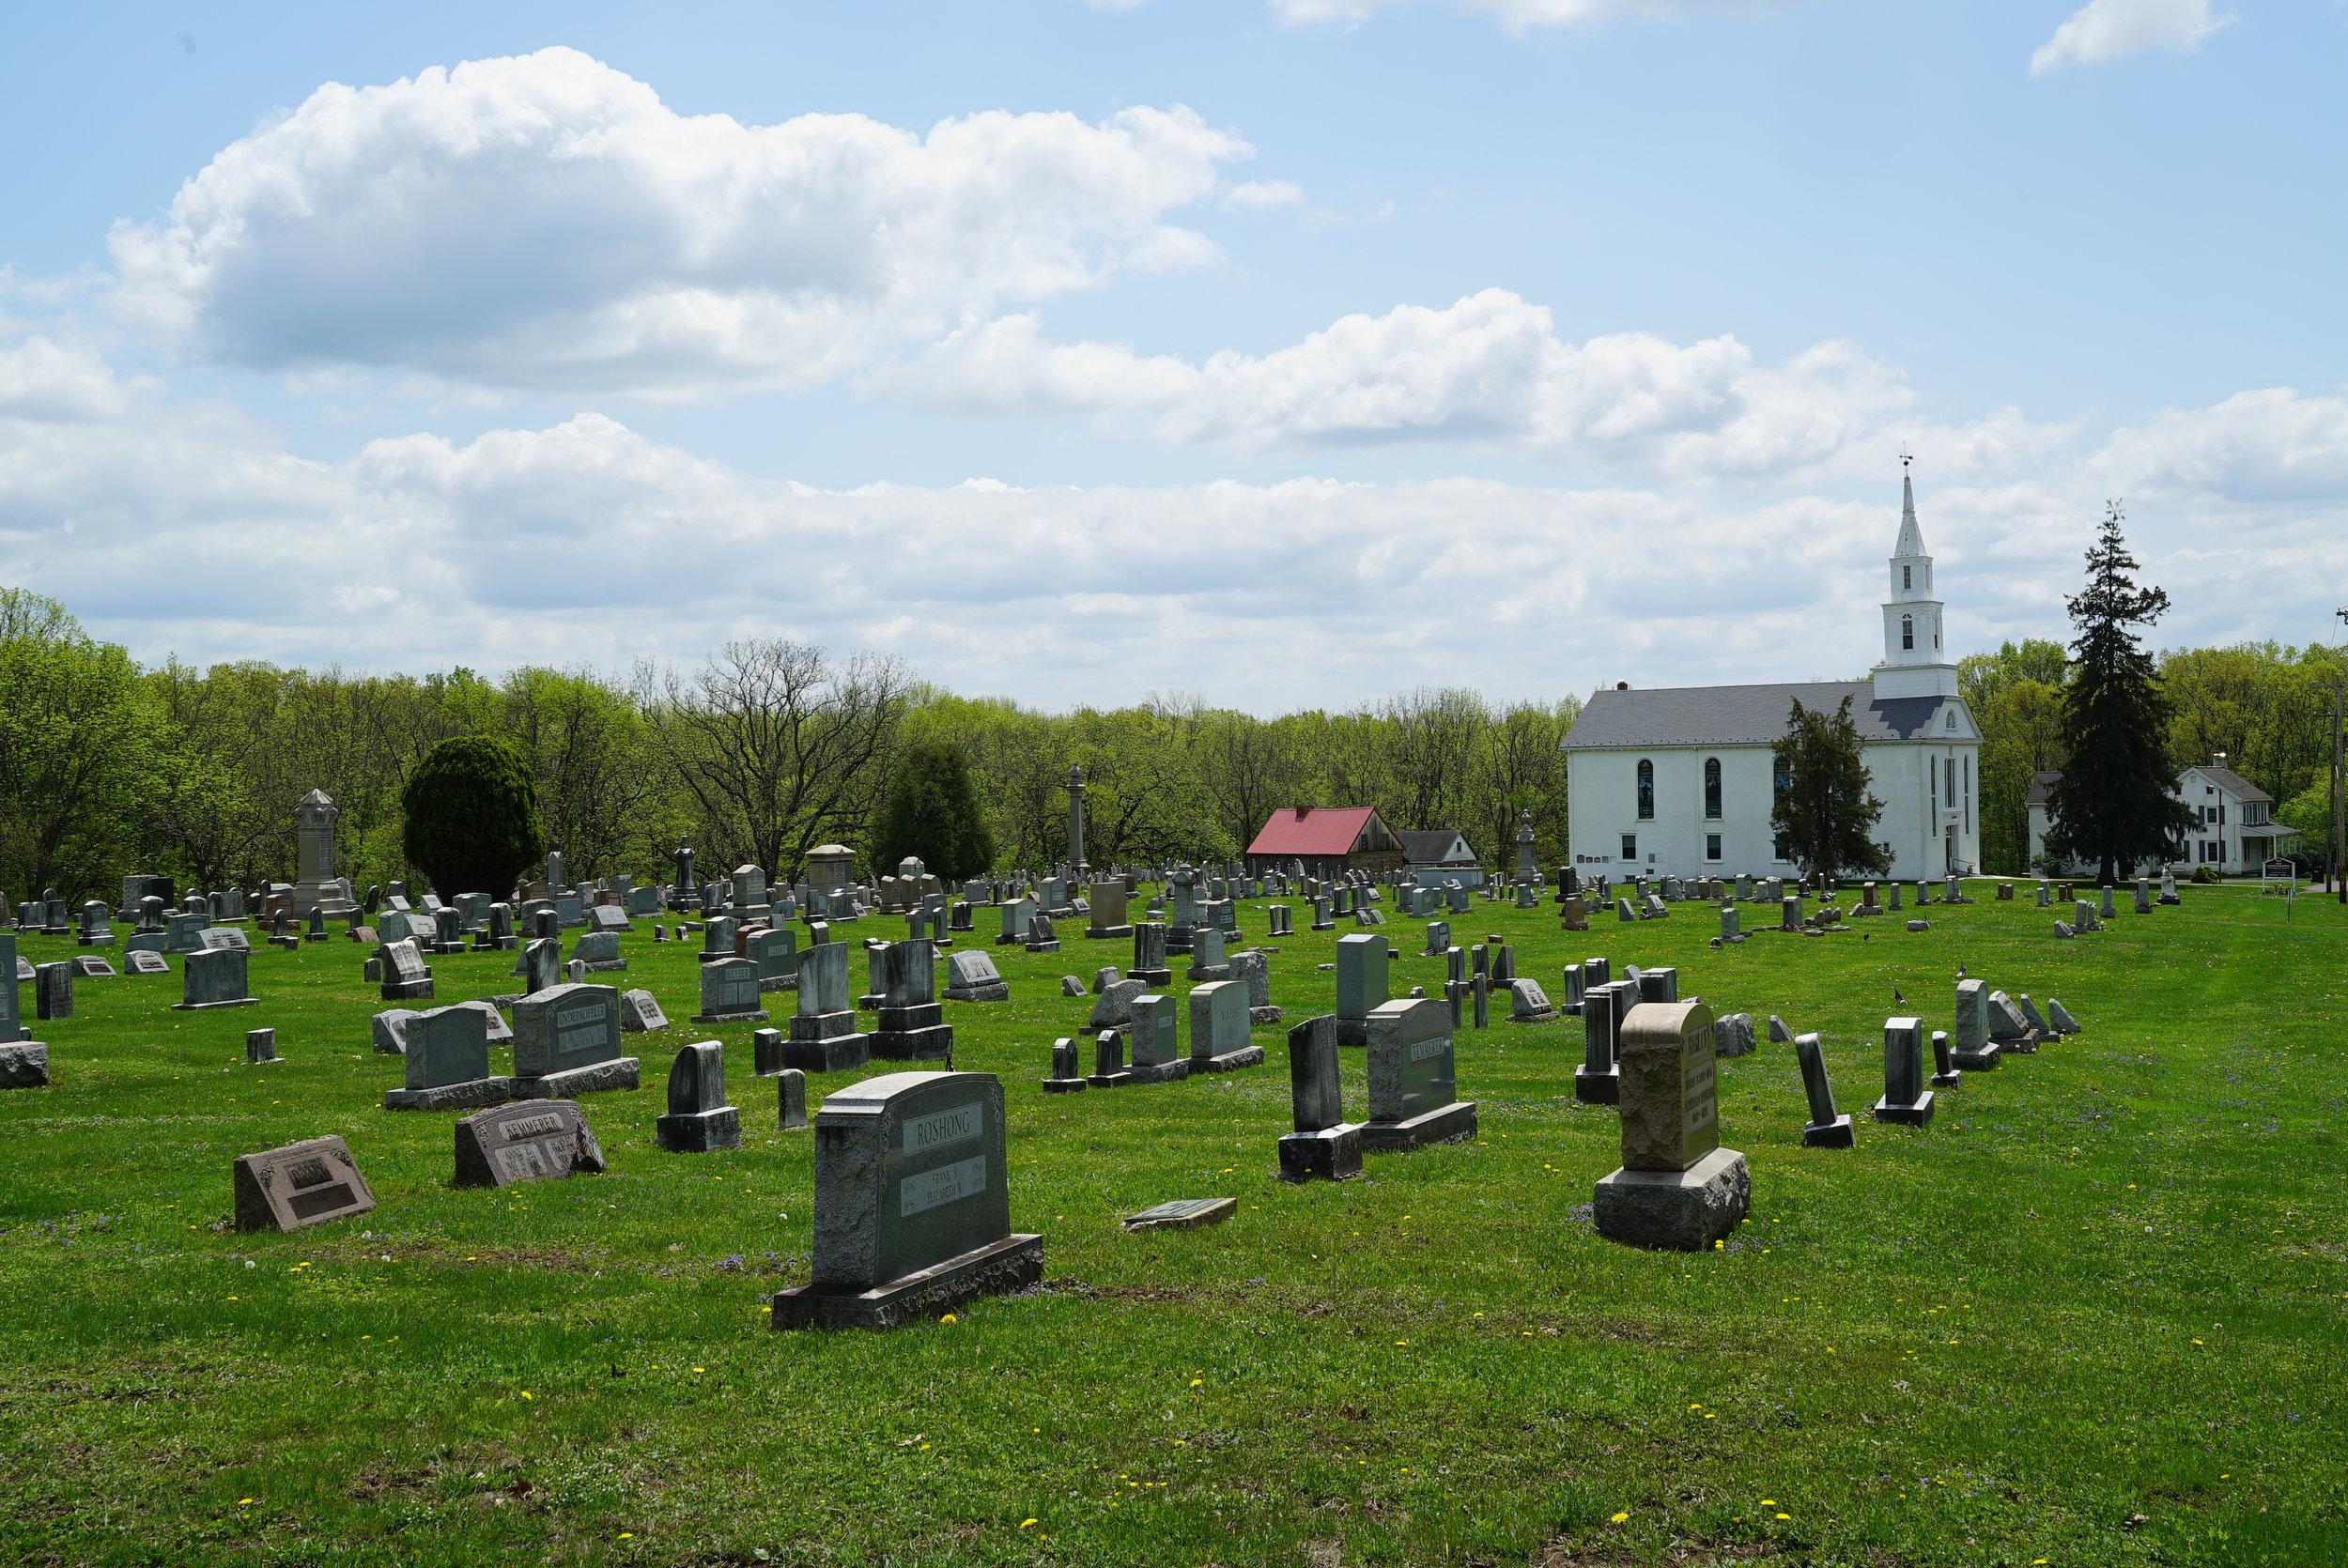 Old Goshenhoppen Cemetery. Harleysville, Pennsylvania area.